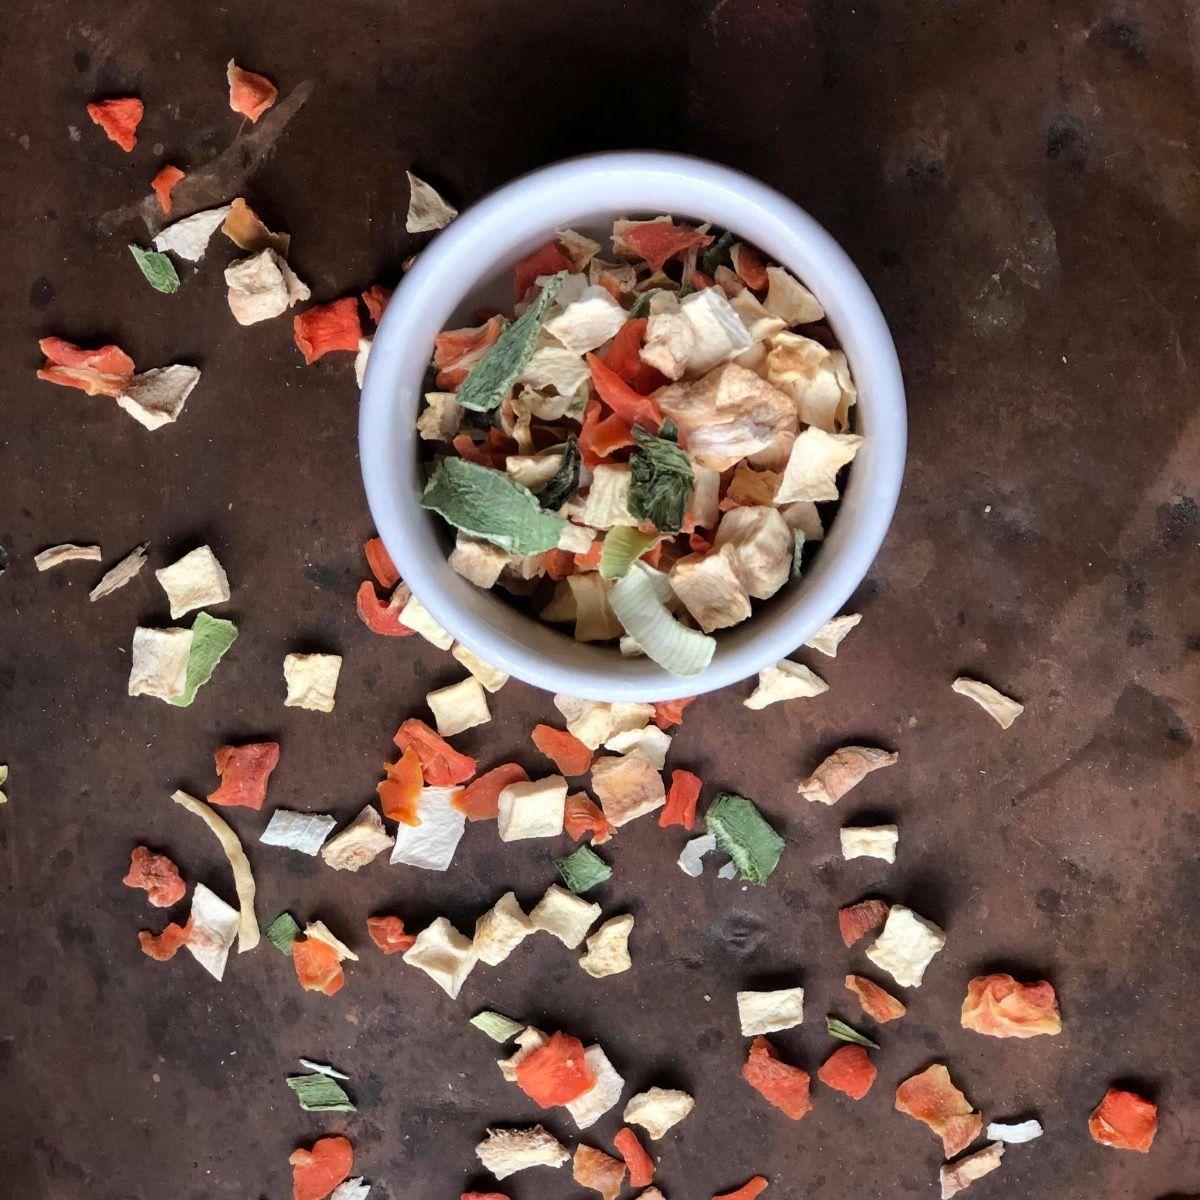 suszone-warzywa-ze-schroniska-smakow